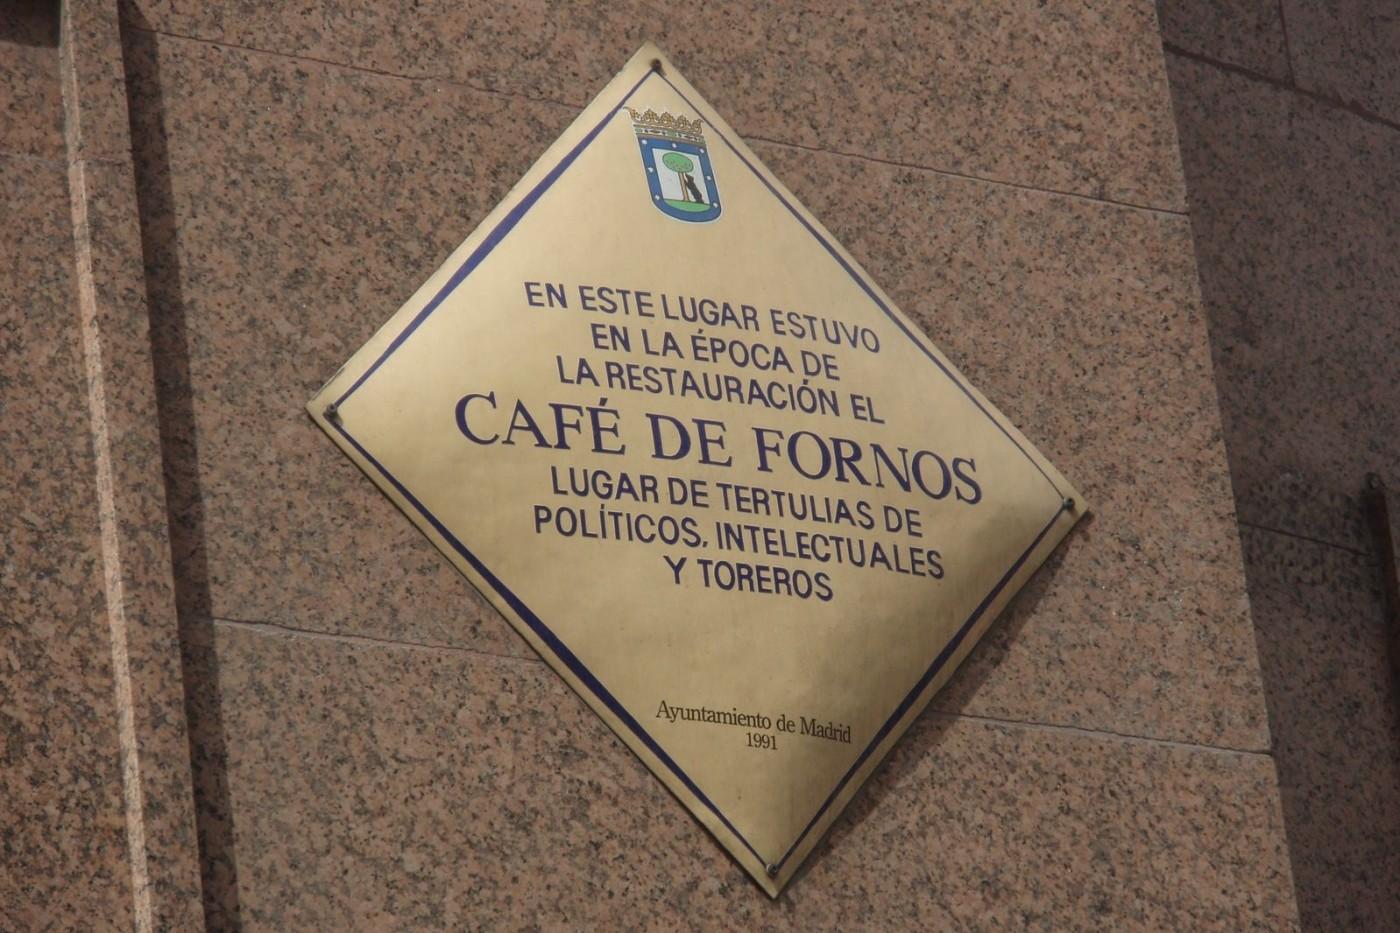 Café de Fornos en Madrid